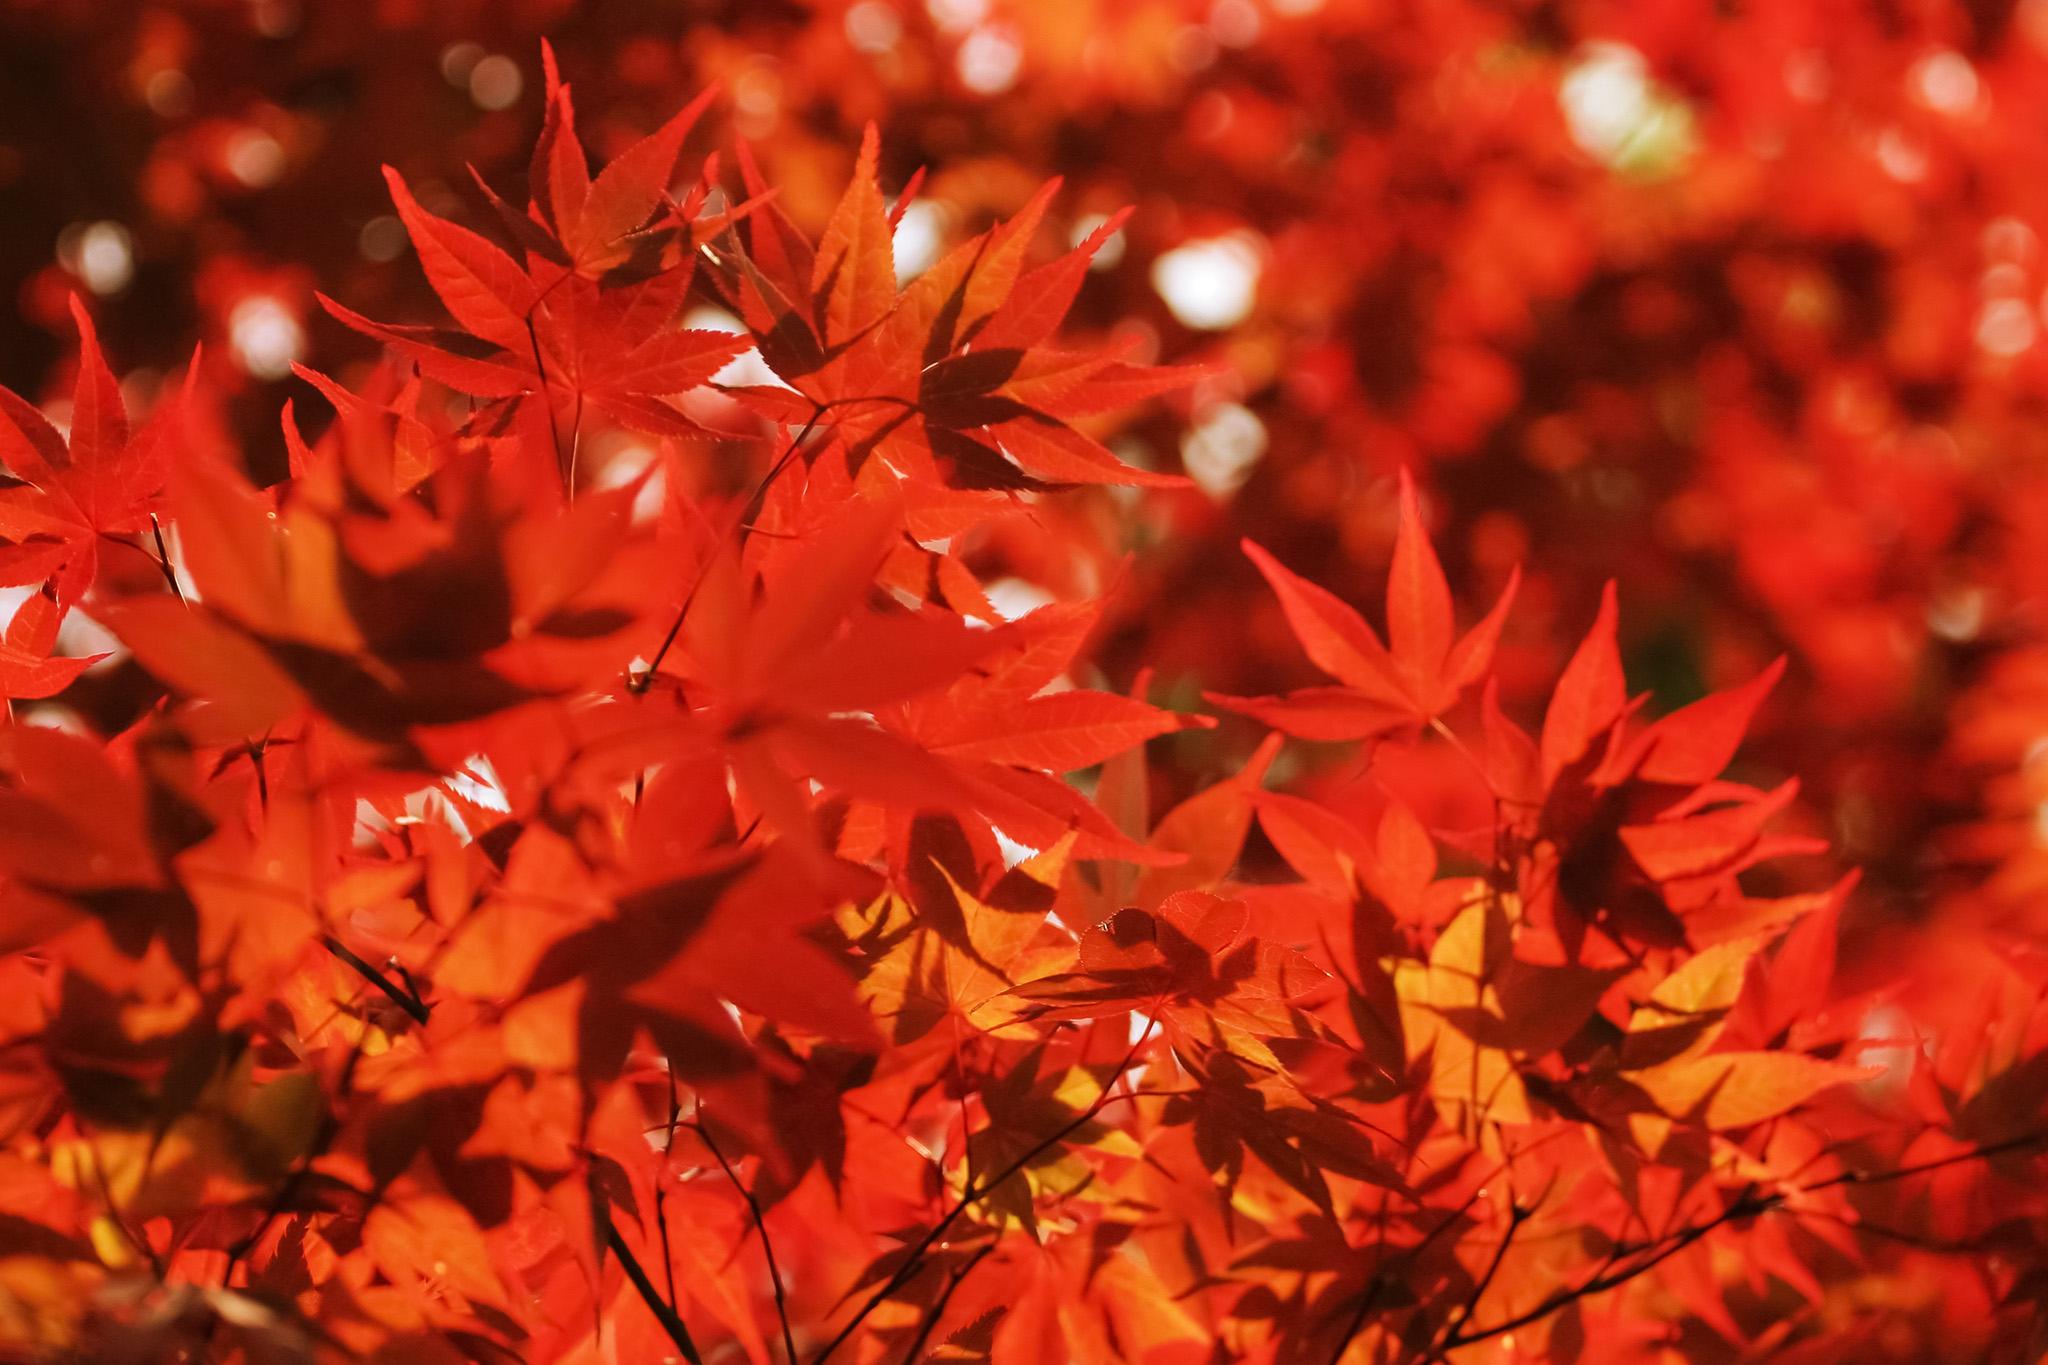 「紅葉が輝く秋の森」